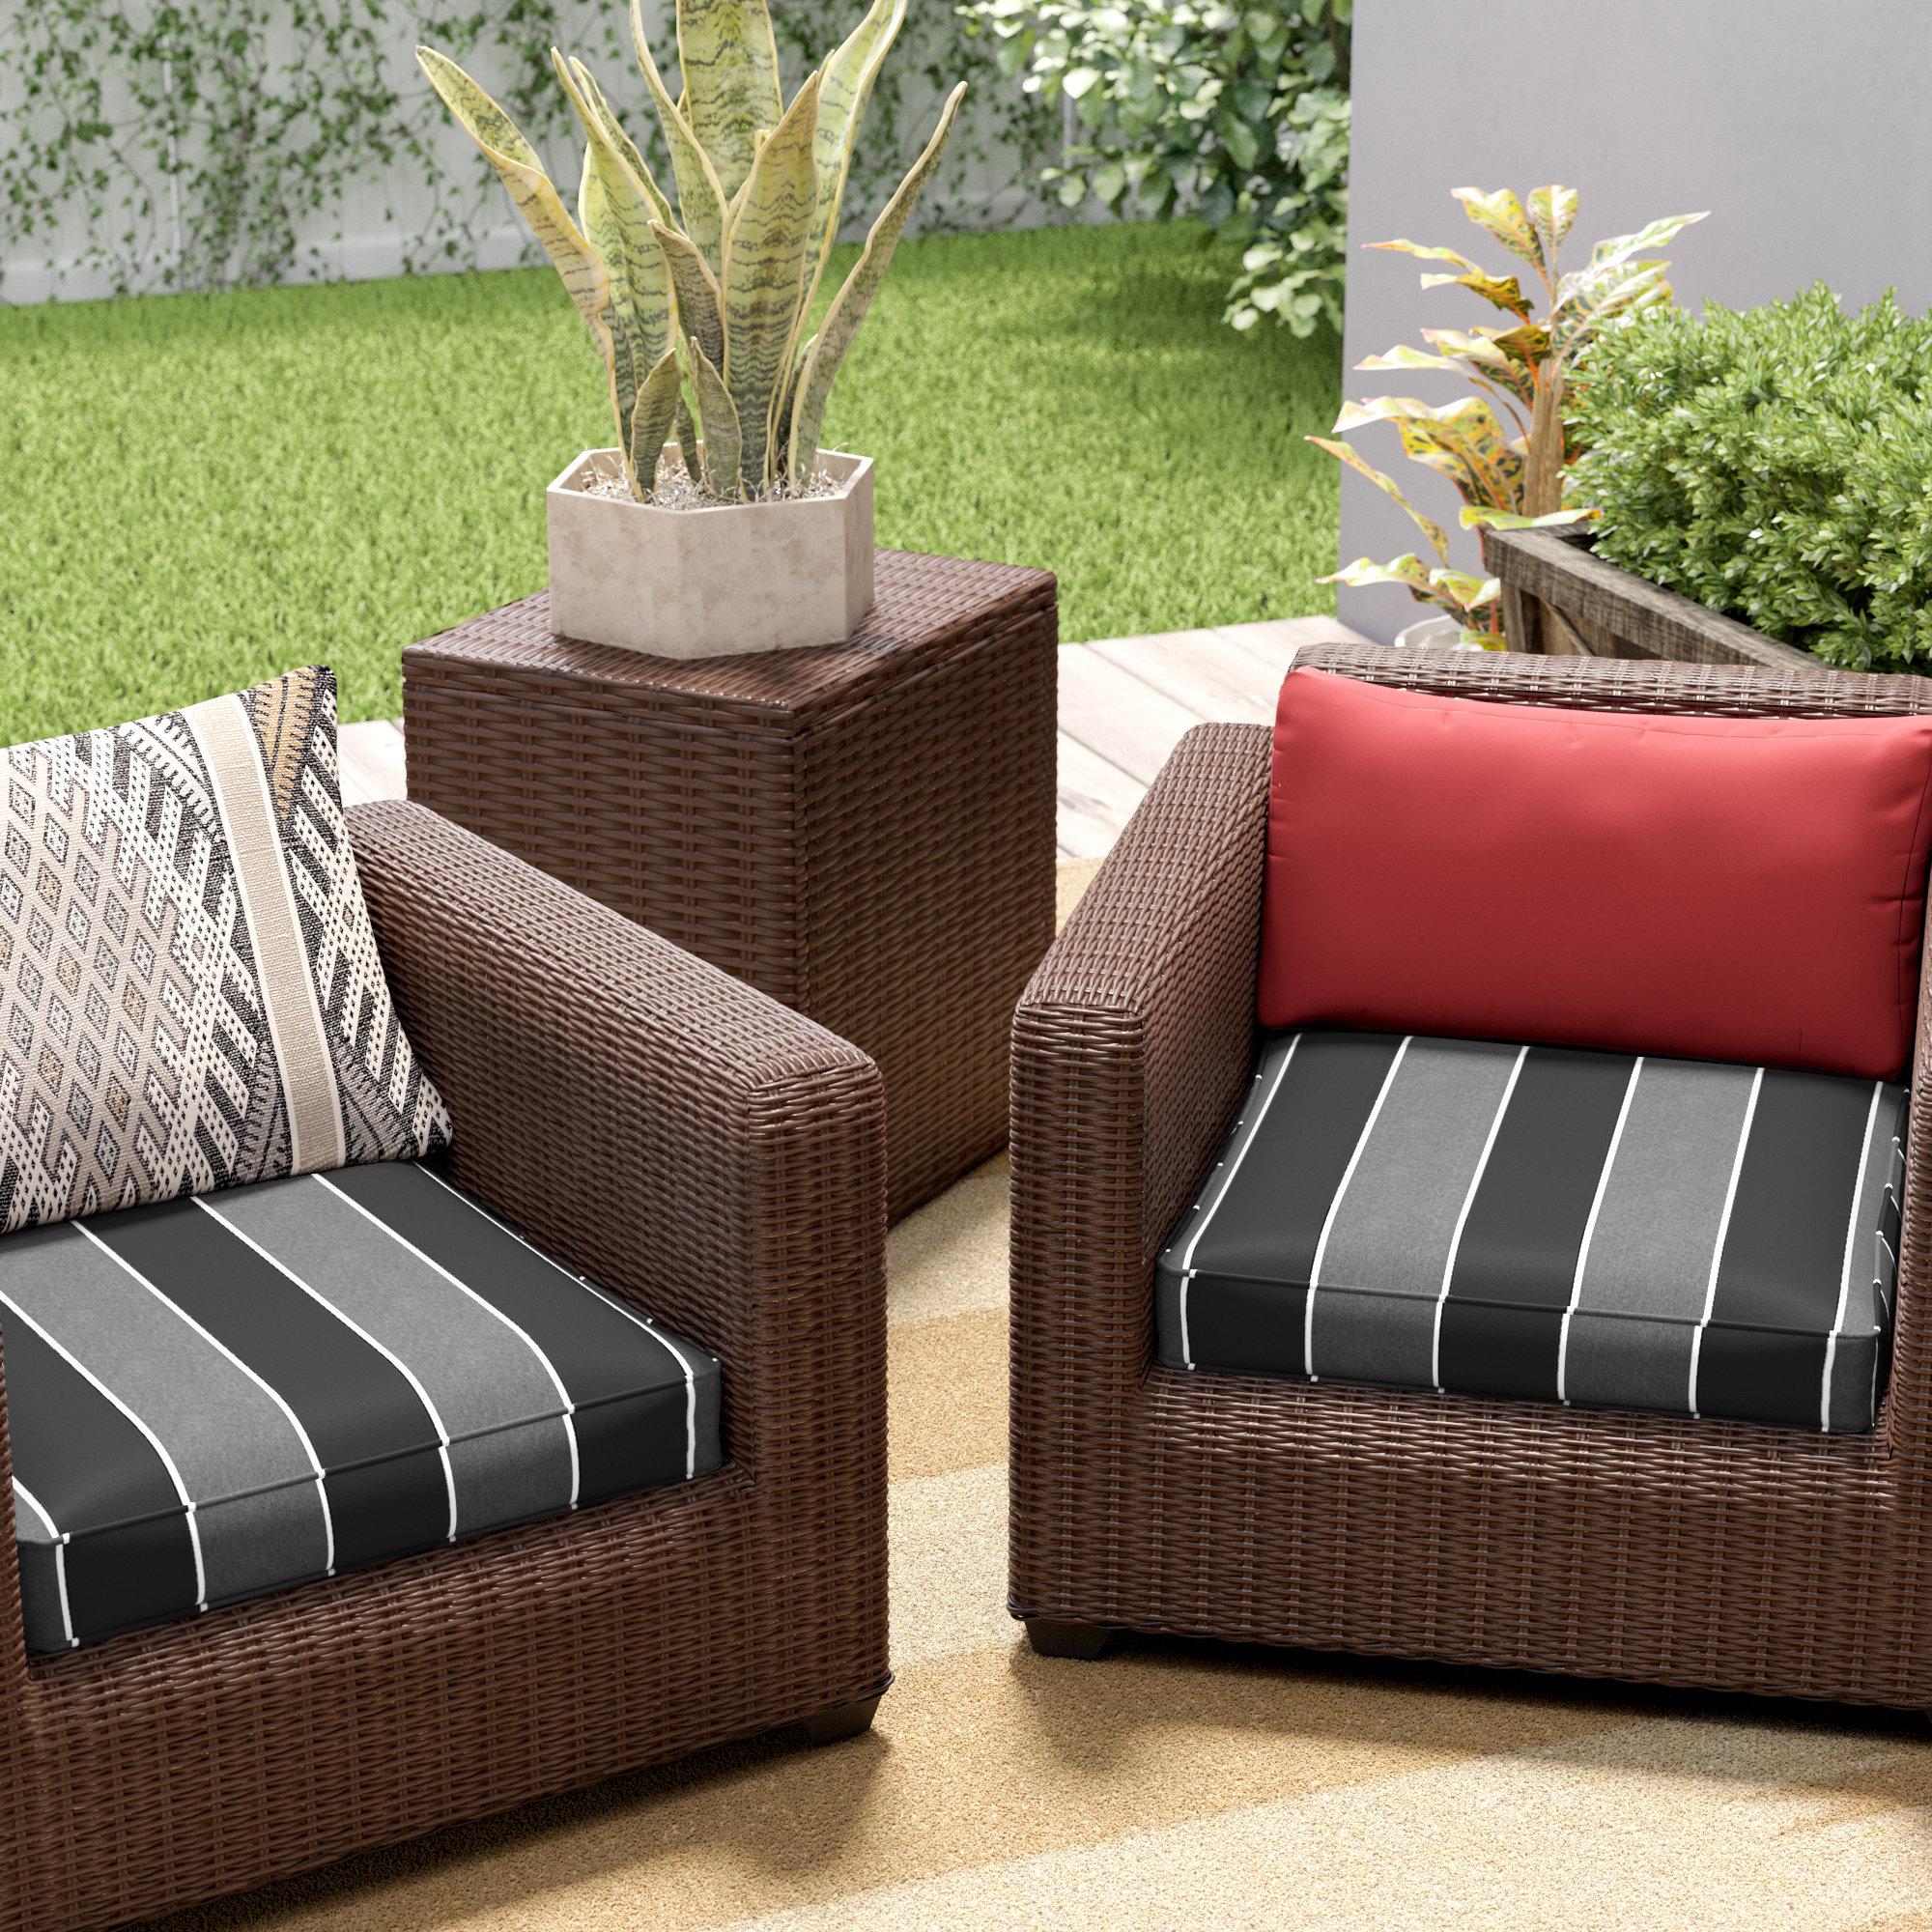 Brayden Studio Hinkel Oudoor Sunbrella Dining Chair Cushion Reviews Wayfair